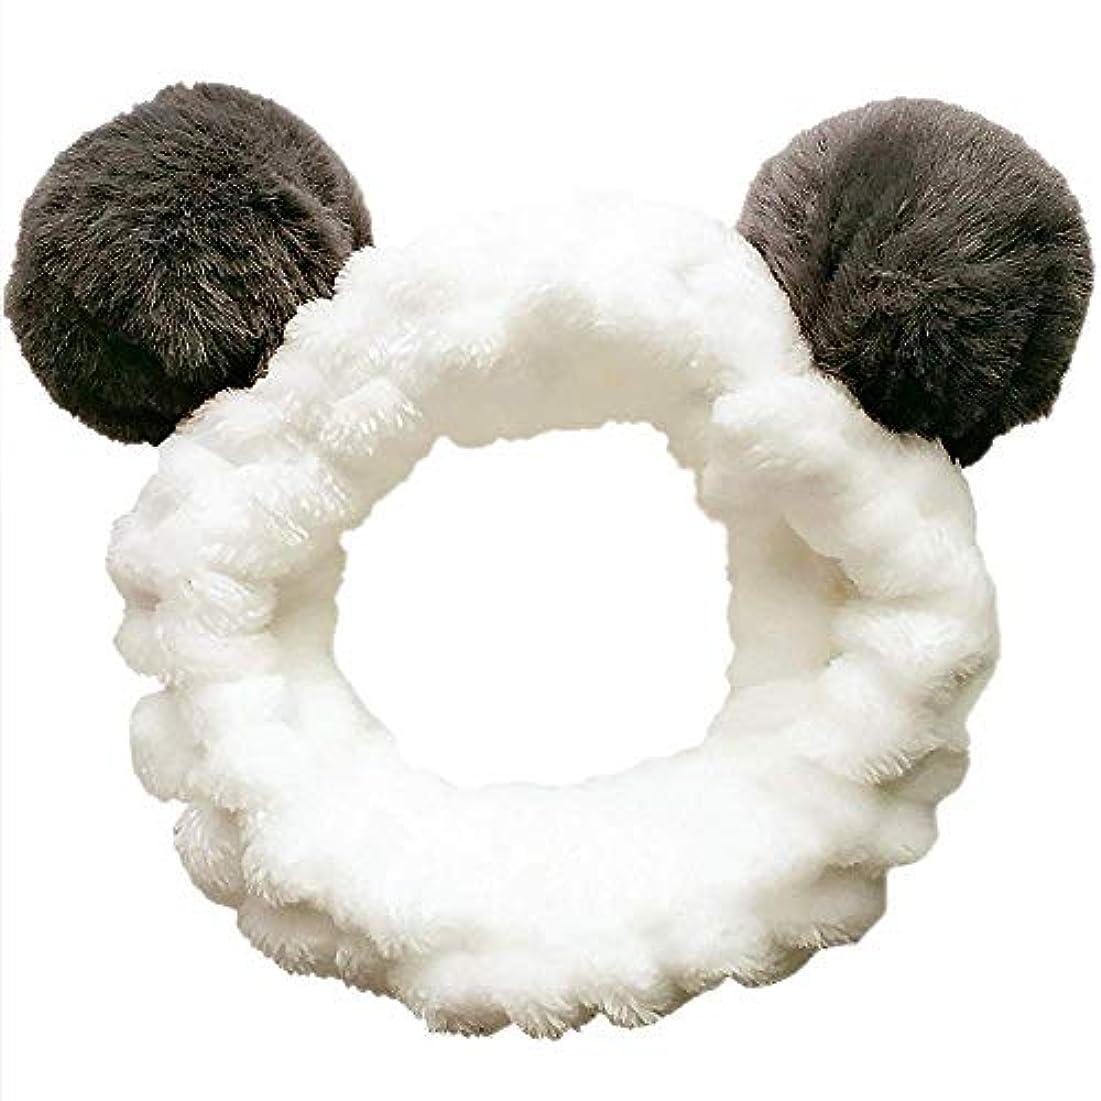 推論アンティークハプニングヘアバンド 洗顔 動物 パンダ型 柔らかい 吸水 ターバン レディース ヘアアレンジ 伸縮性あり アニマル ふわふわ